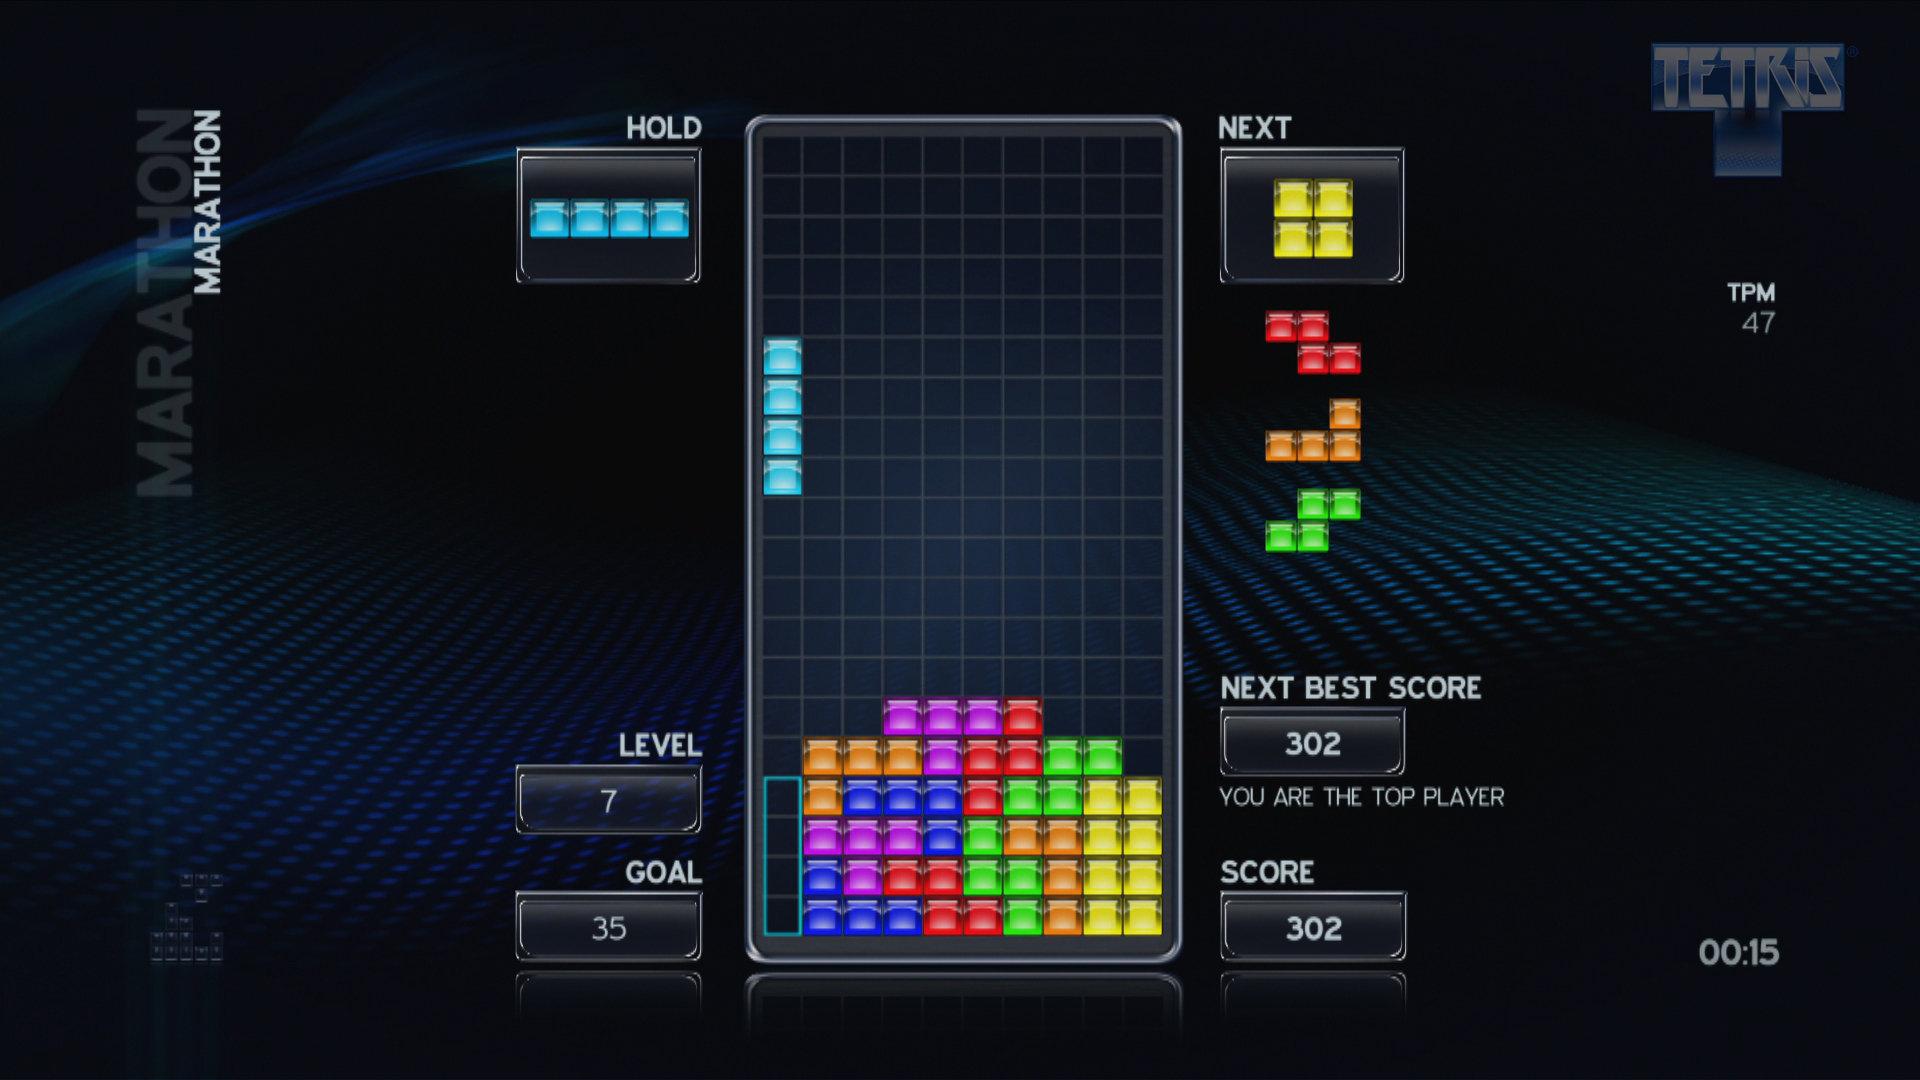 Rezultate imazhesh për tetris game